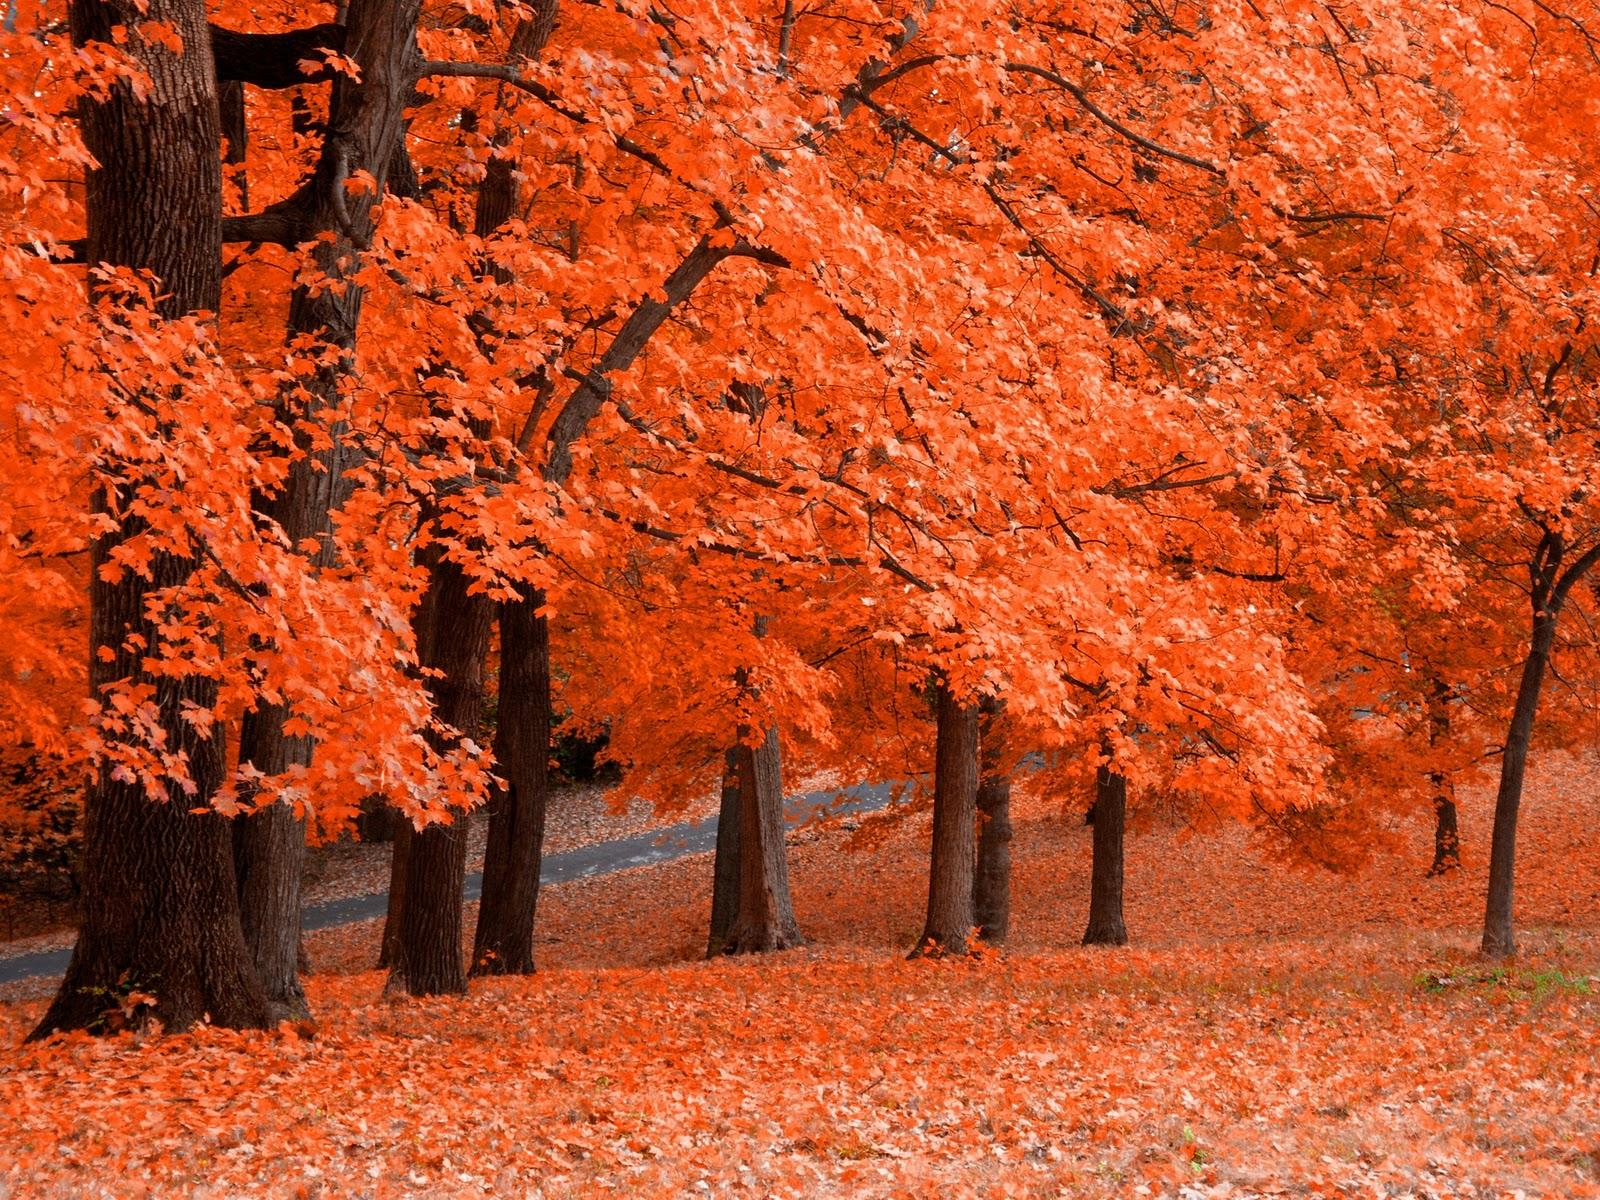 http://3.bp.blogspot.com/_RAlP3BmEW1Q/TQNi4LIS5nI/AAAAAAAABN0/QeX6oZ_0egQ/s1600/Herfst-achtergronden-herfst-wallpapers-24.jpg